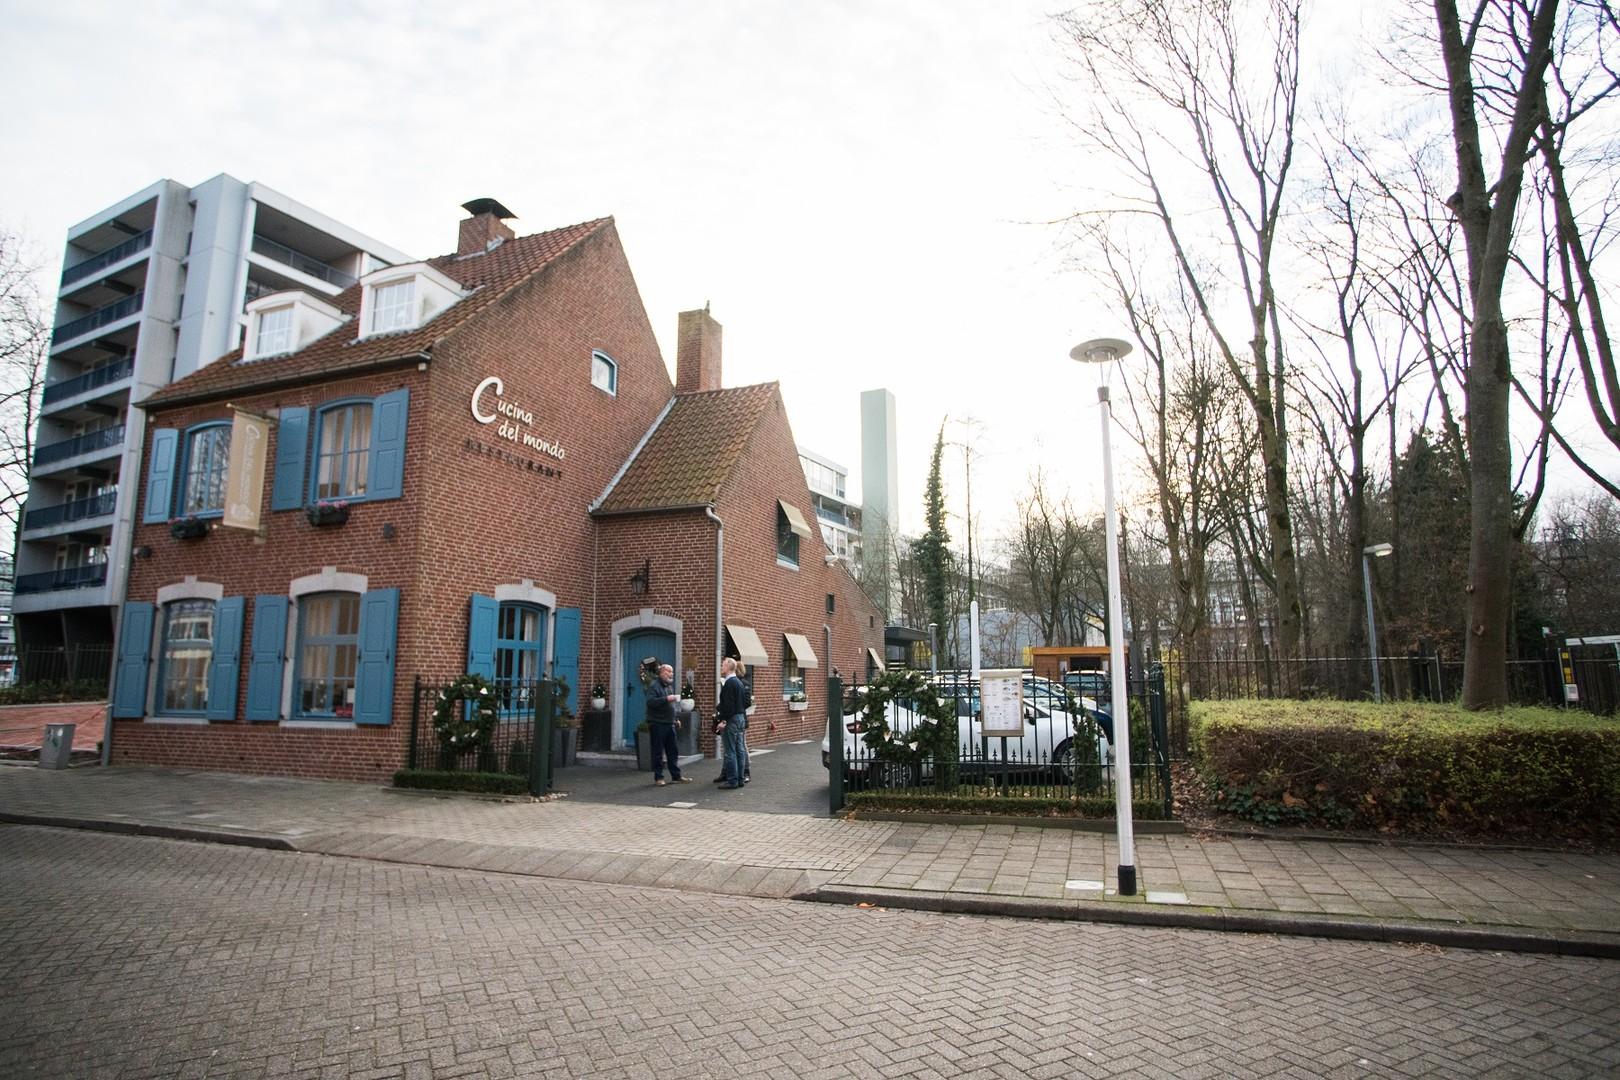 L1NWS: Ster voor Heerlens restaurant Cucina Del Mondo - L1